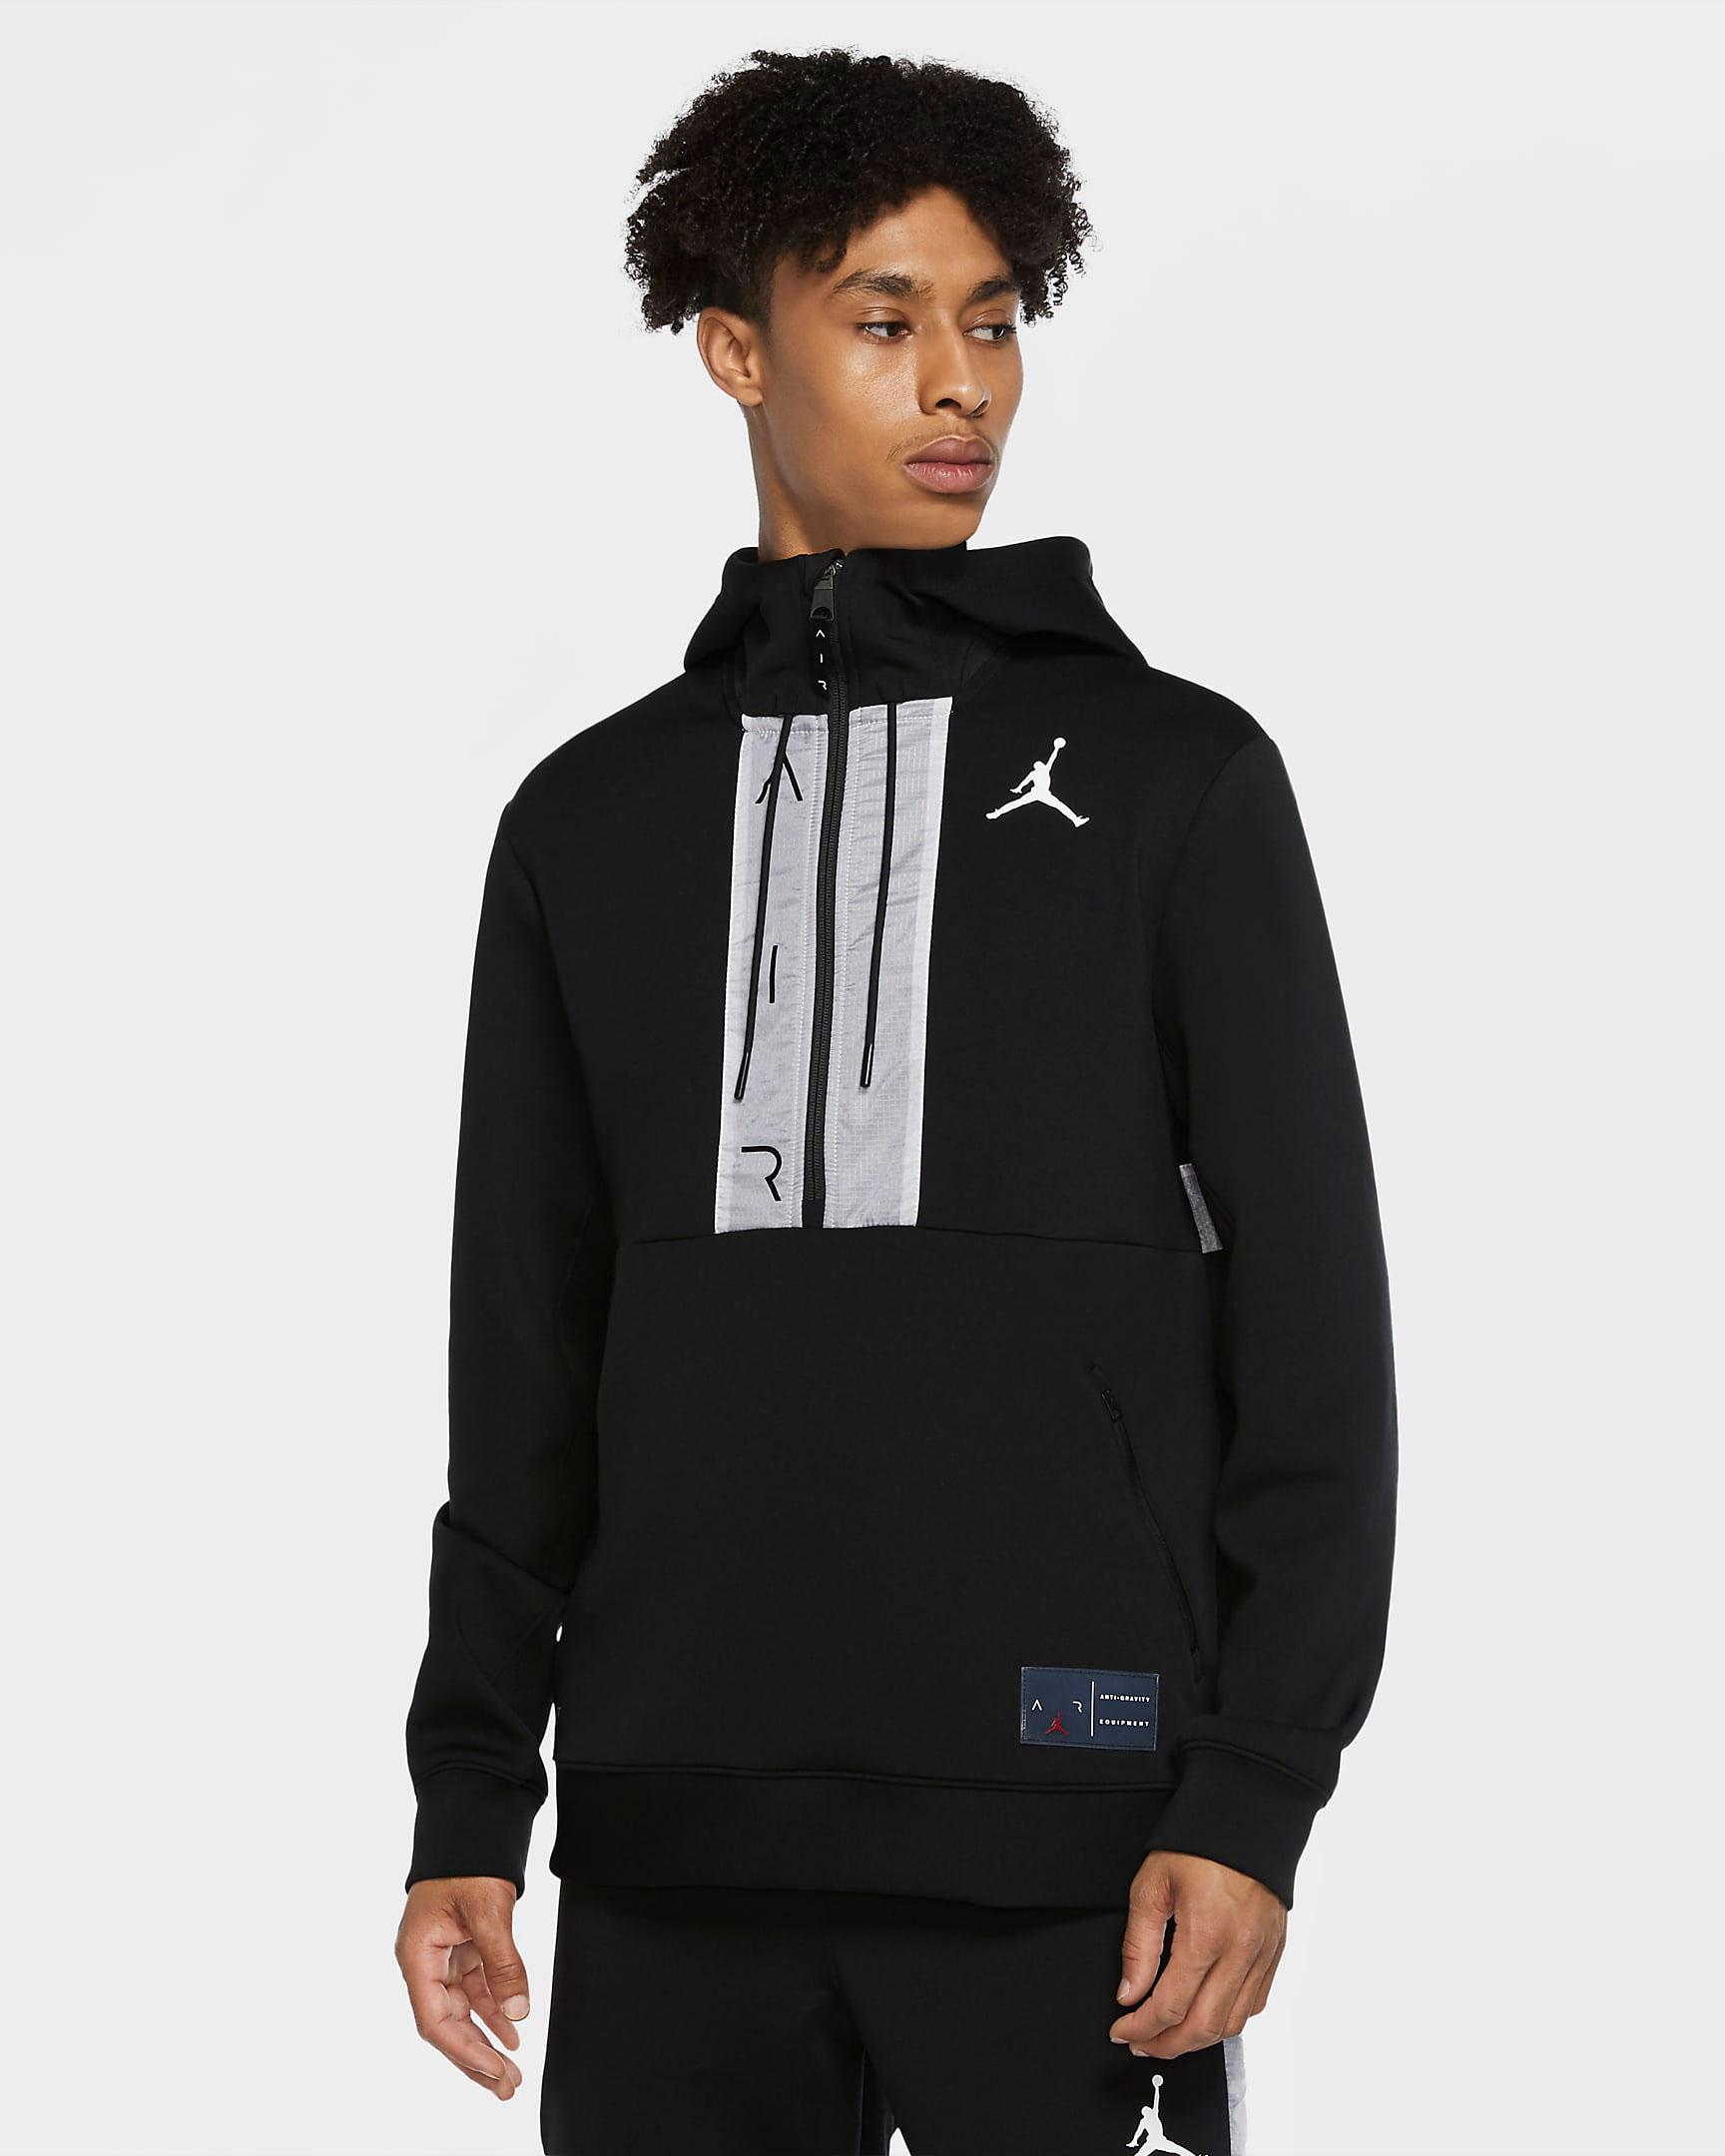 air-jordan-11-jubilee-black-white-jordan-hoodie